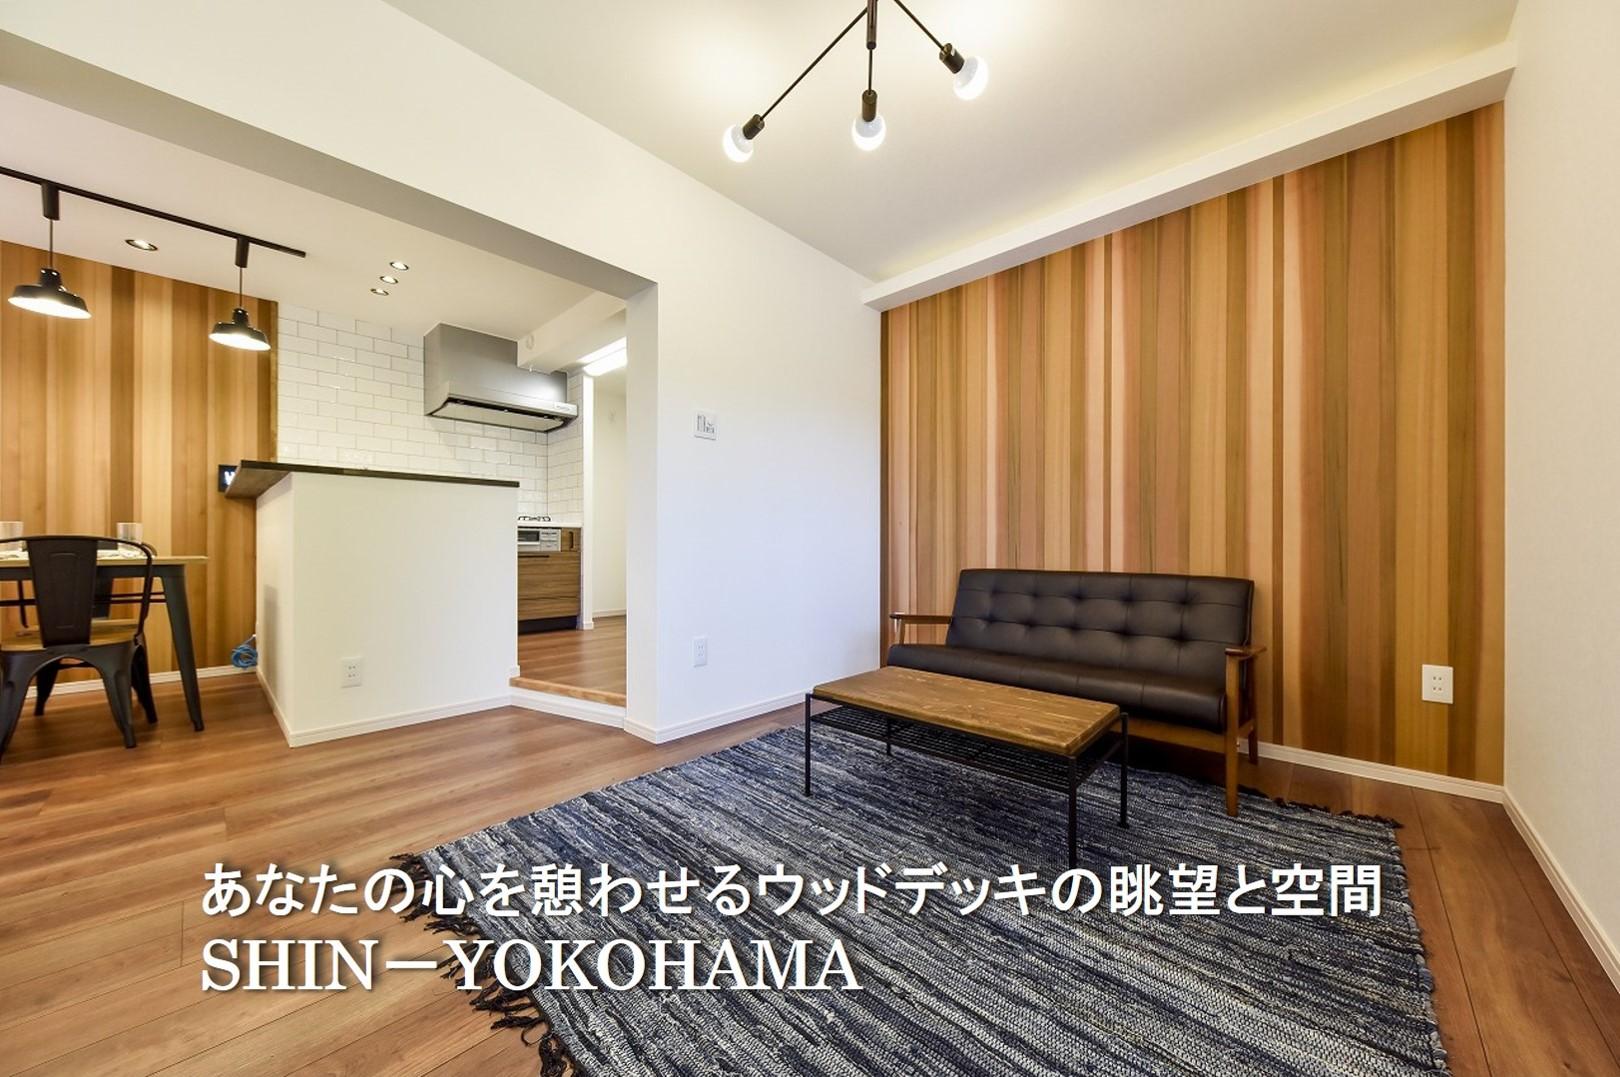 あなたの心を憩わせるウッドデッキの眺望と空間 新横浜 SHIN-YOKOHAMA